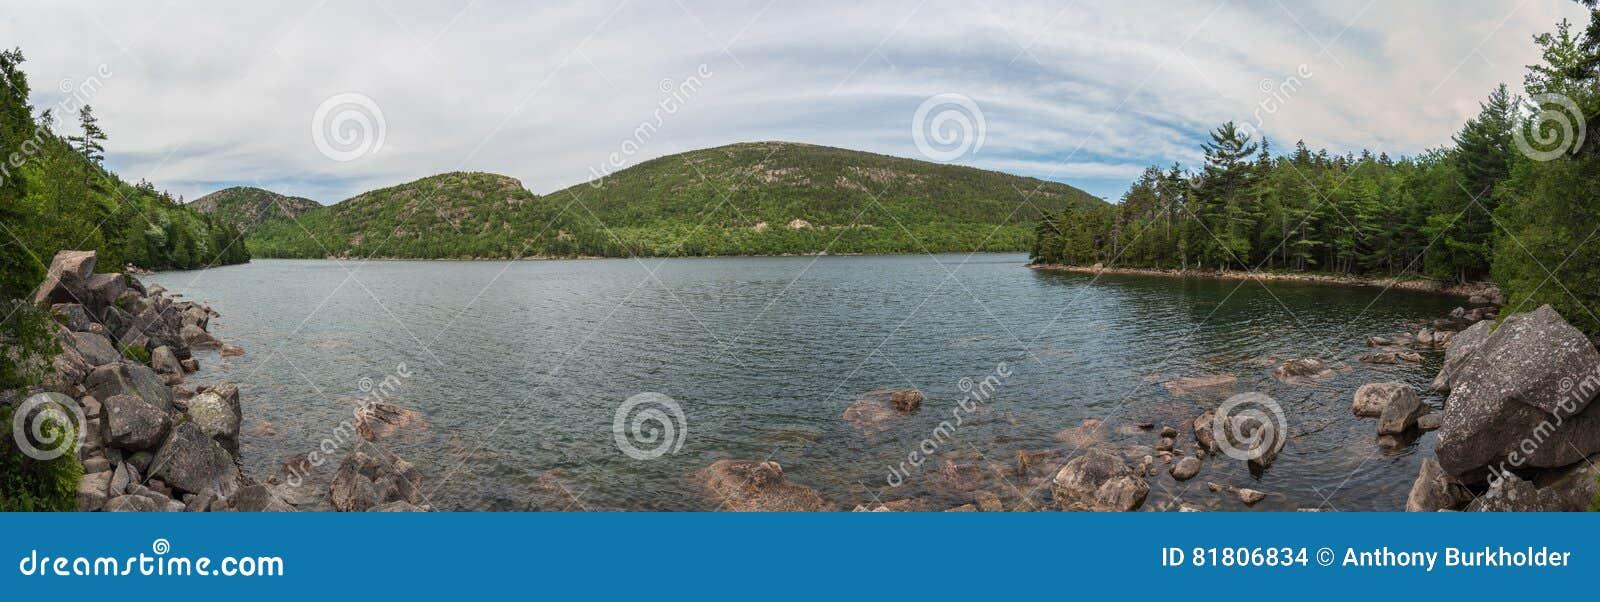 Панорама пруда Joran